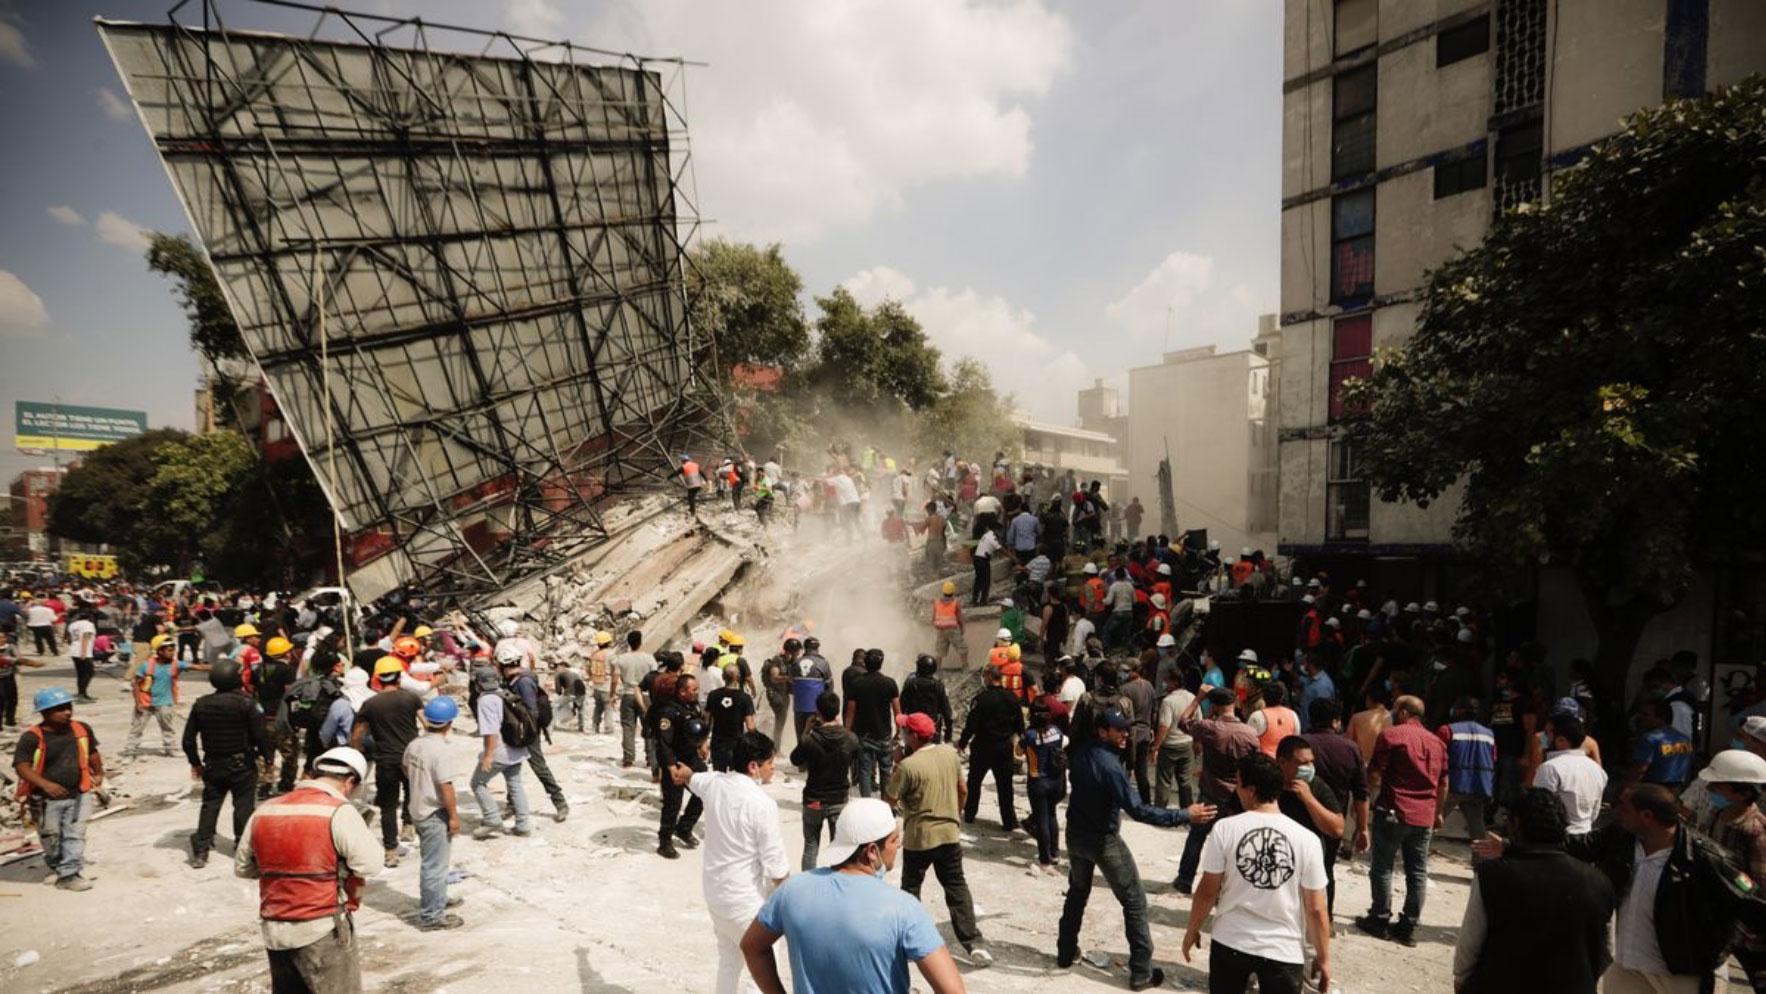 Varios edificios colapsaron en la Ciudad de México después del terremoto de M=7.1 en Puebla el día de ayer. En esta foto, rescatistas y voluntarios buscan sobrevivientes en los escombros. (Foto por: Eduardo Verdugo/AP)